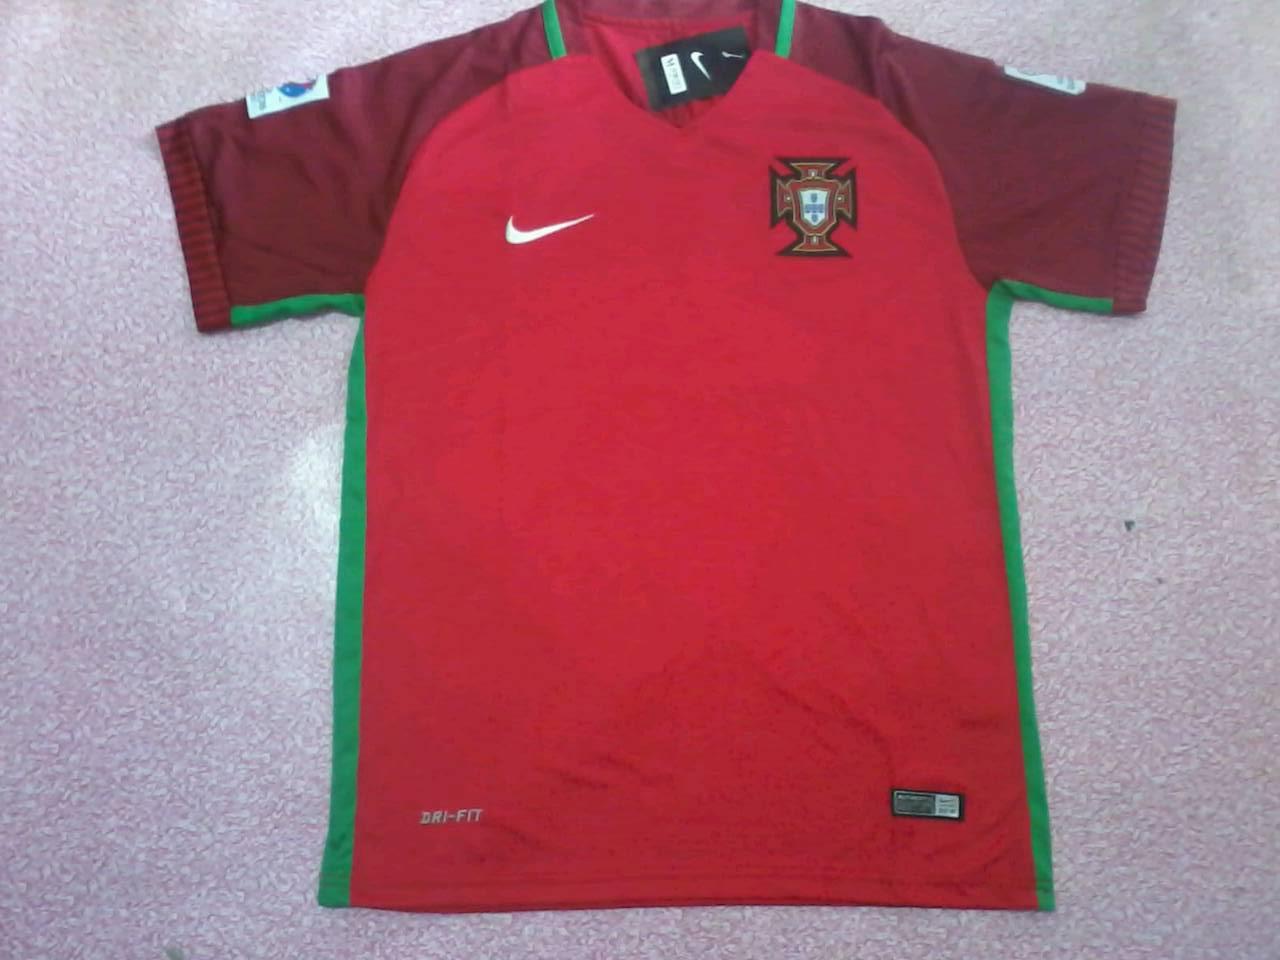 ชุดบอลยูโรทีมชาติโปรตุเกษ สีแดง